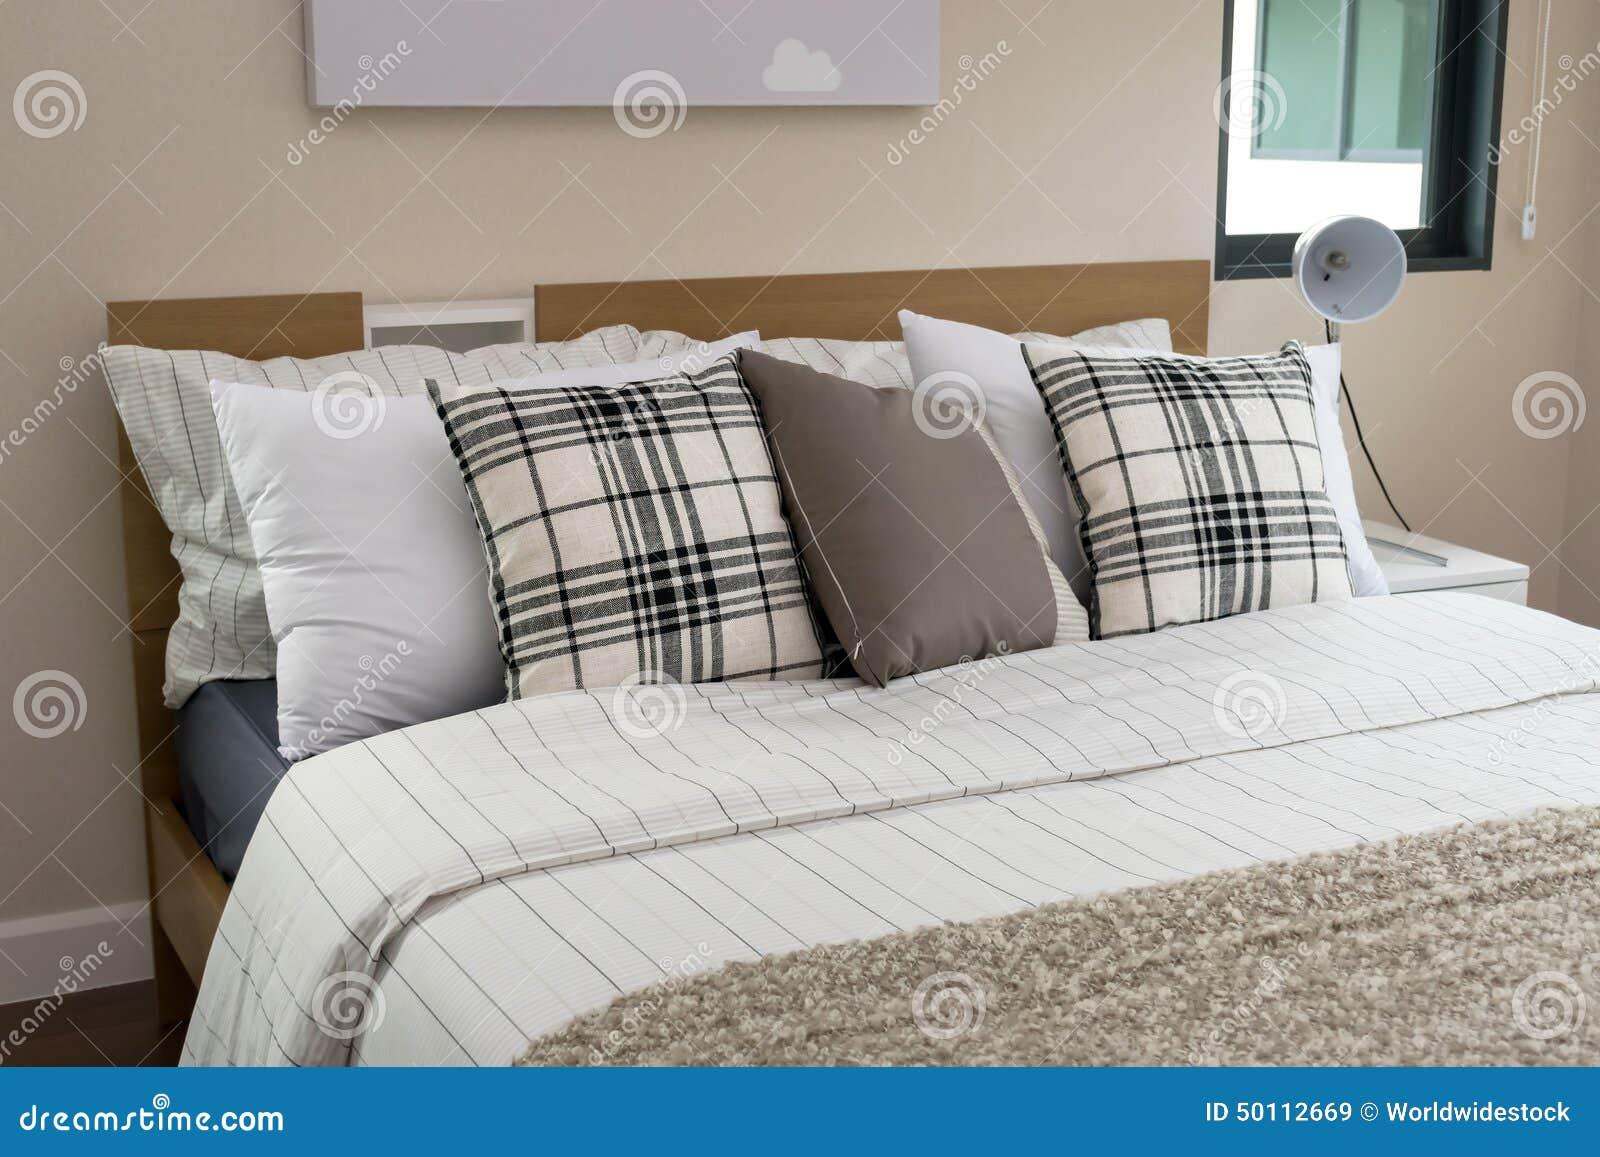 Cama y almohadas con la l mpara blanca foto de archivo - Almohadas para cama ...